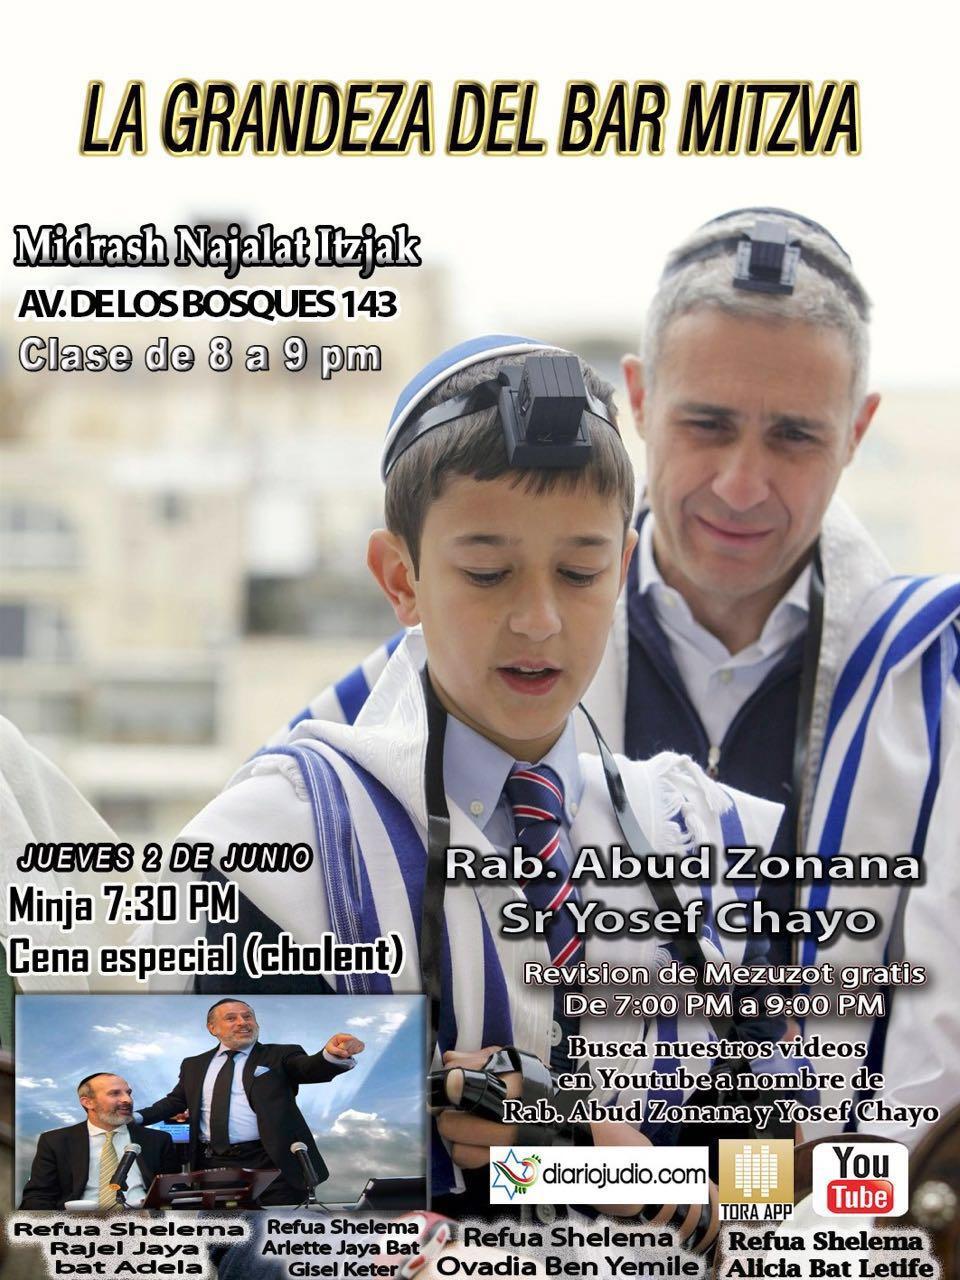 La grandeza de la Bar Mitzvah